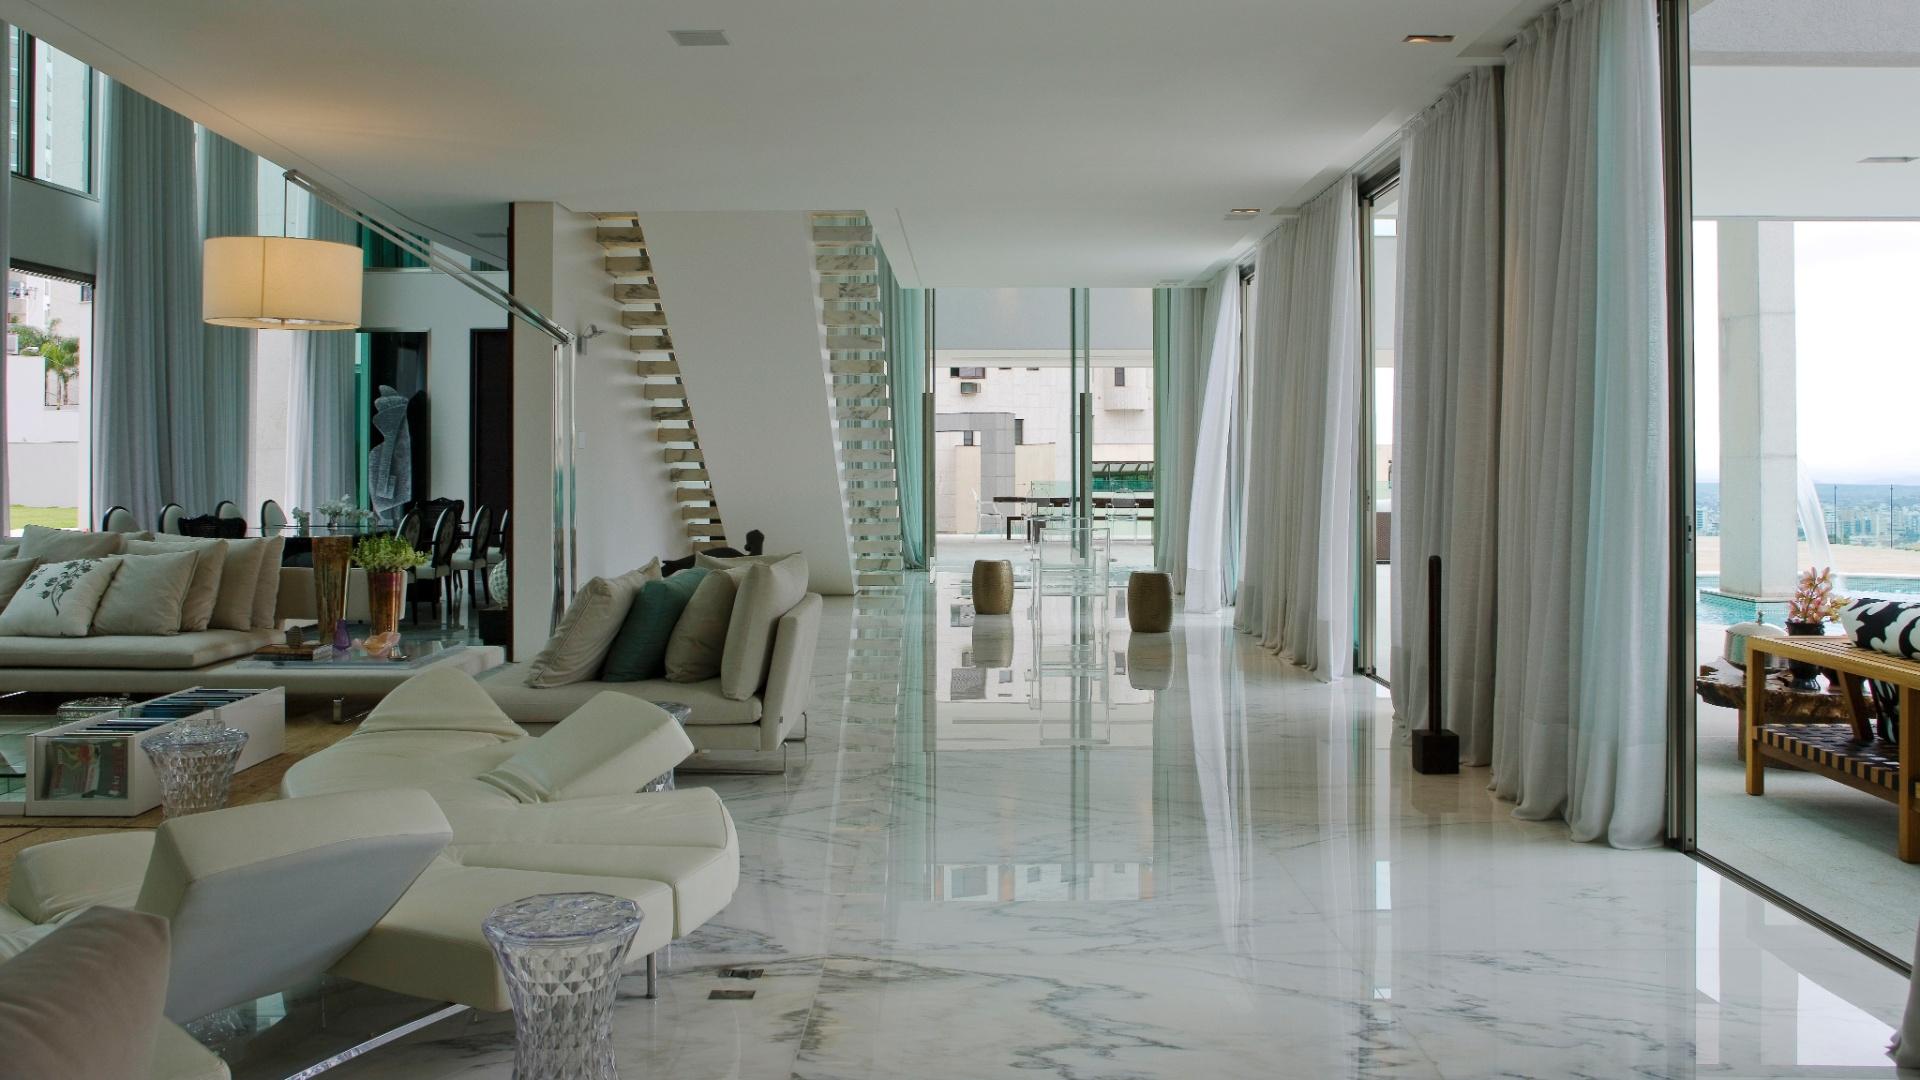 #5B4F3C decora o de banheiros com pastilha de vidro 1920x1080 px Banheiros Decorados Com Pastilhas De Vidro Lilas 1165